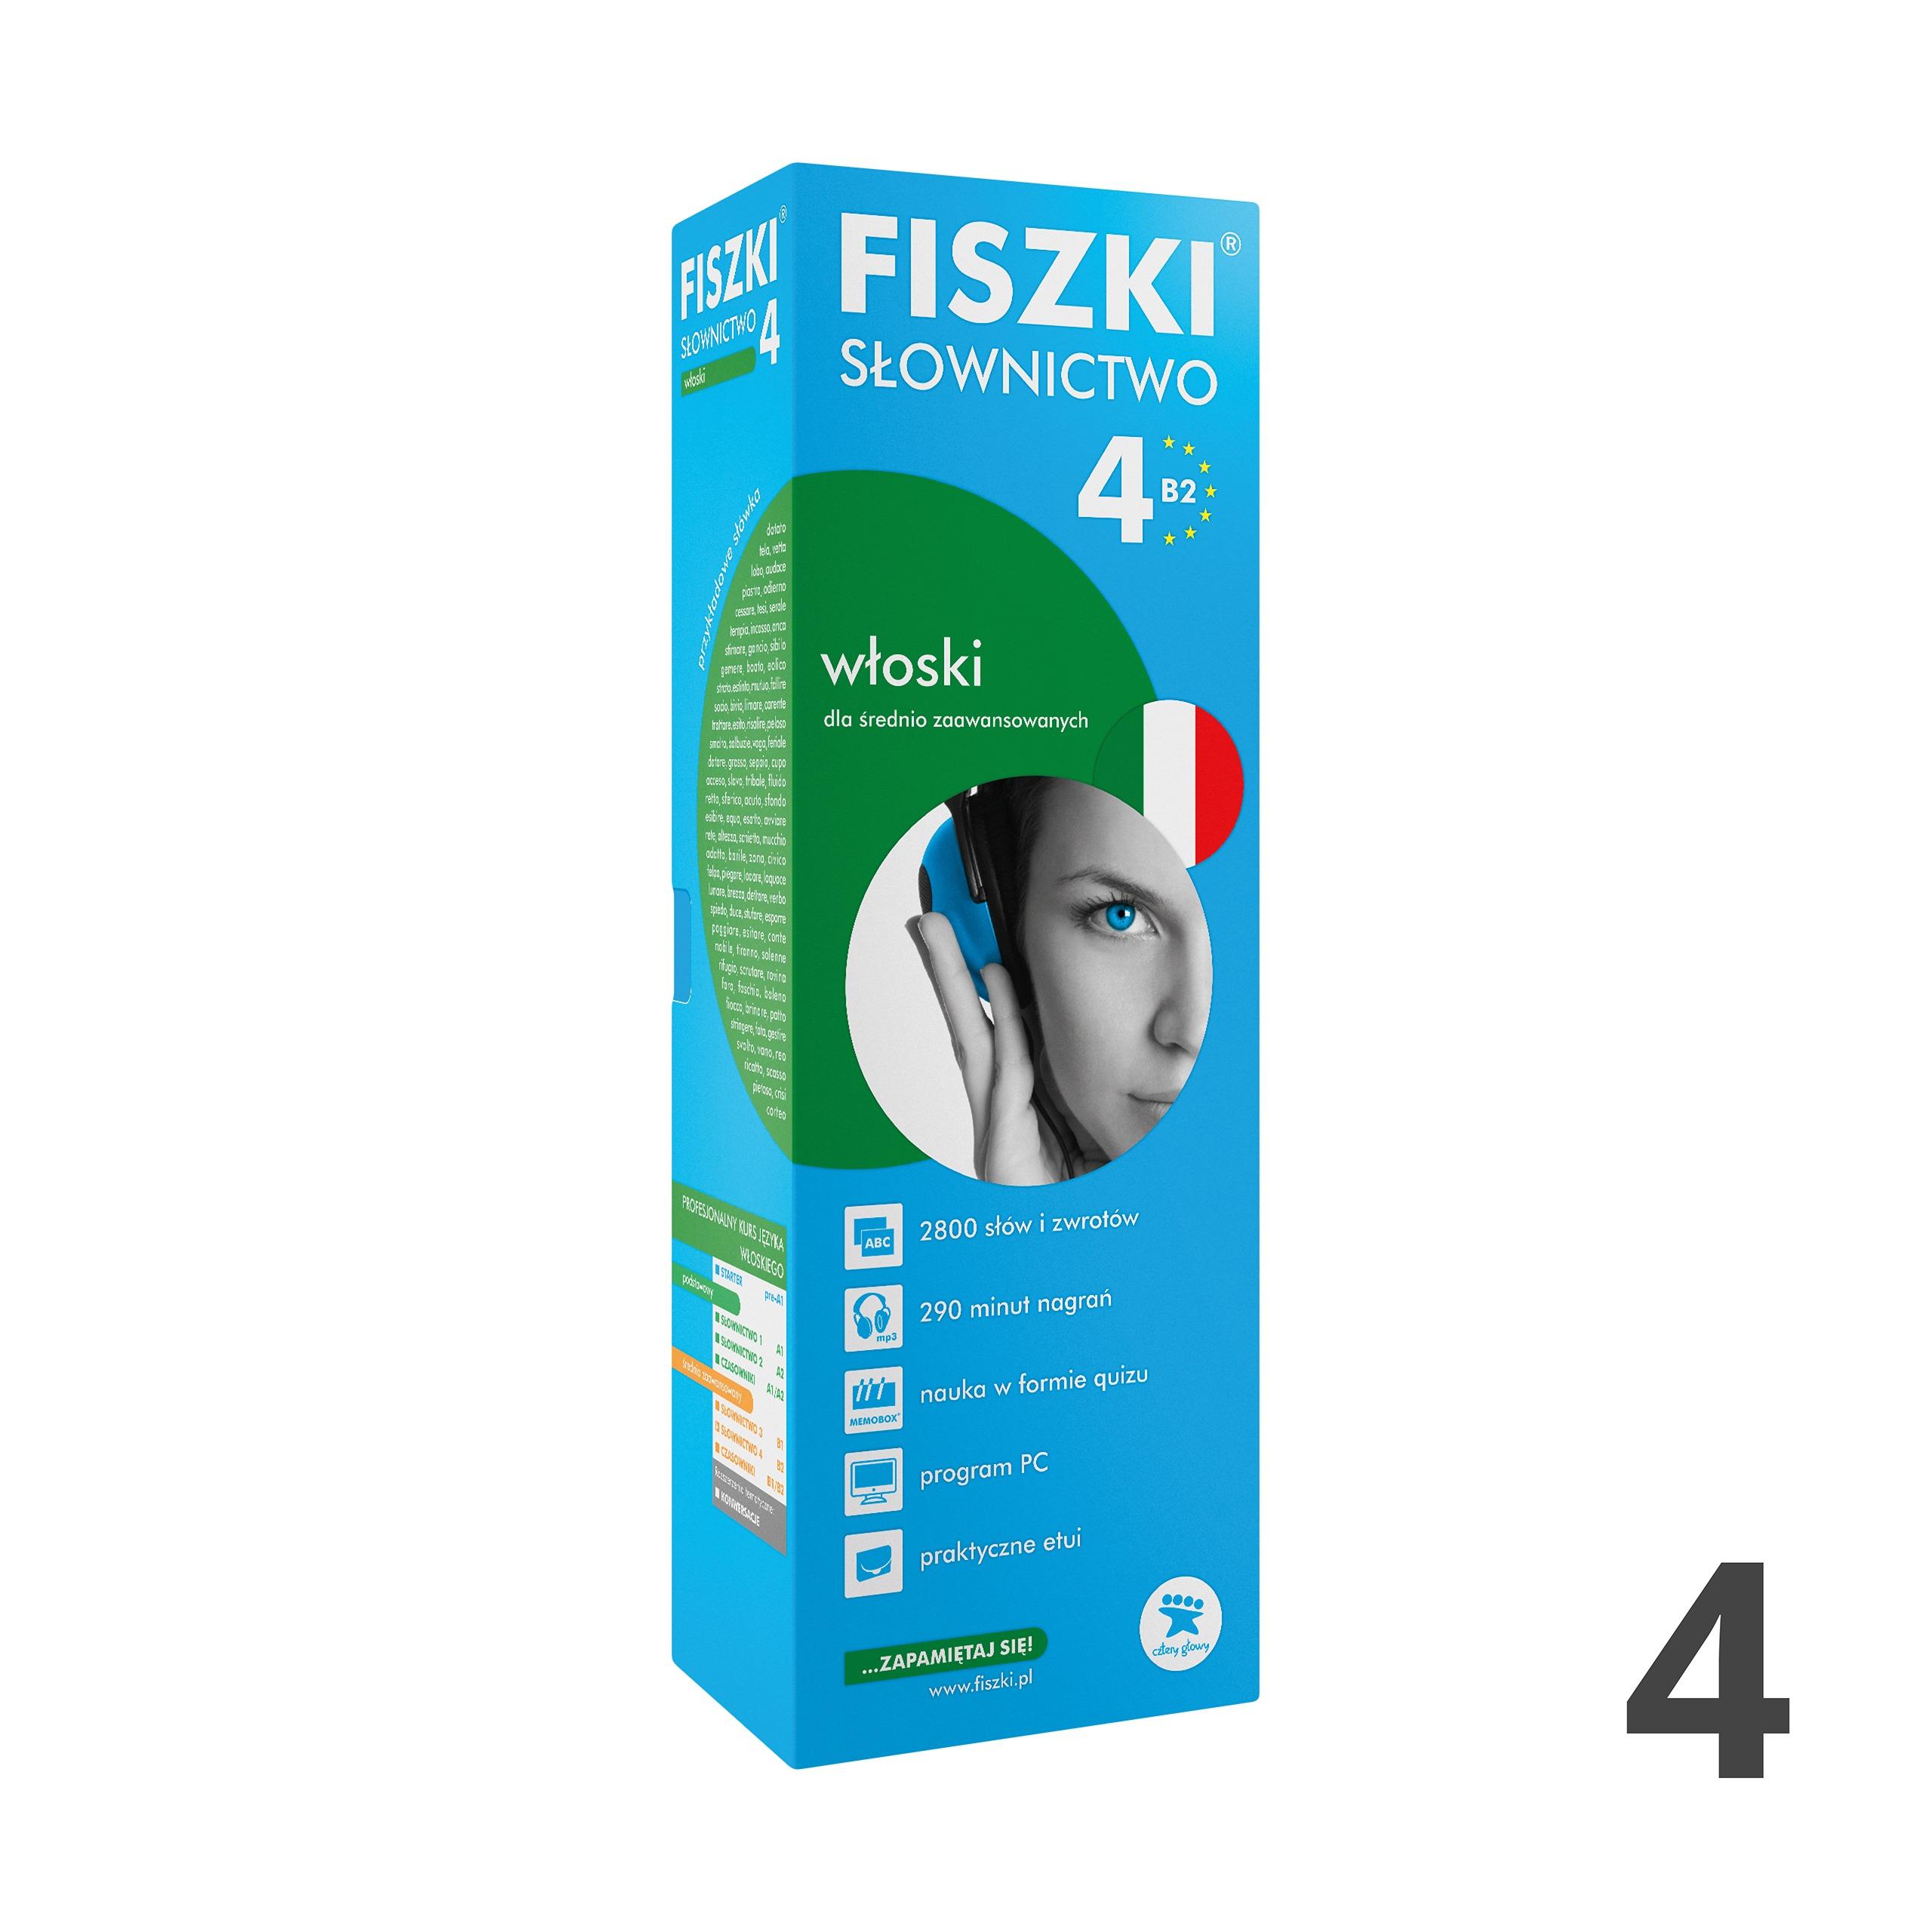 FISZKI - włoski - Słownictwo 4 (B2)